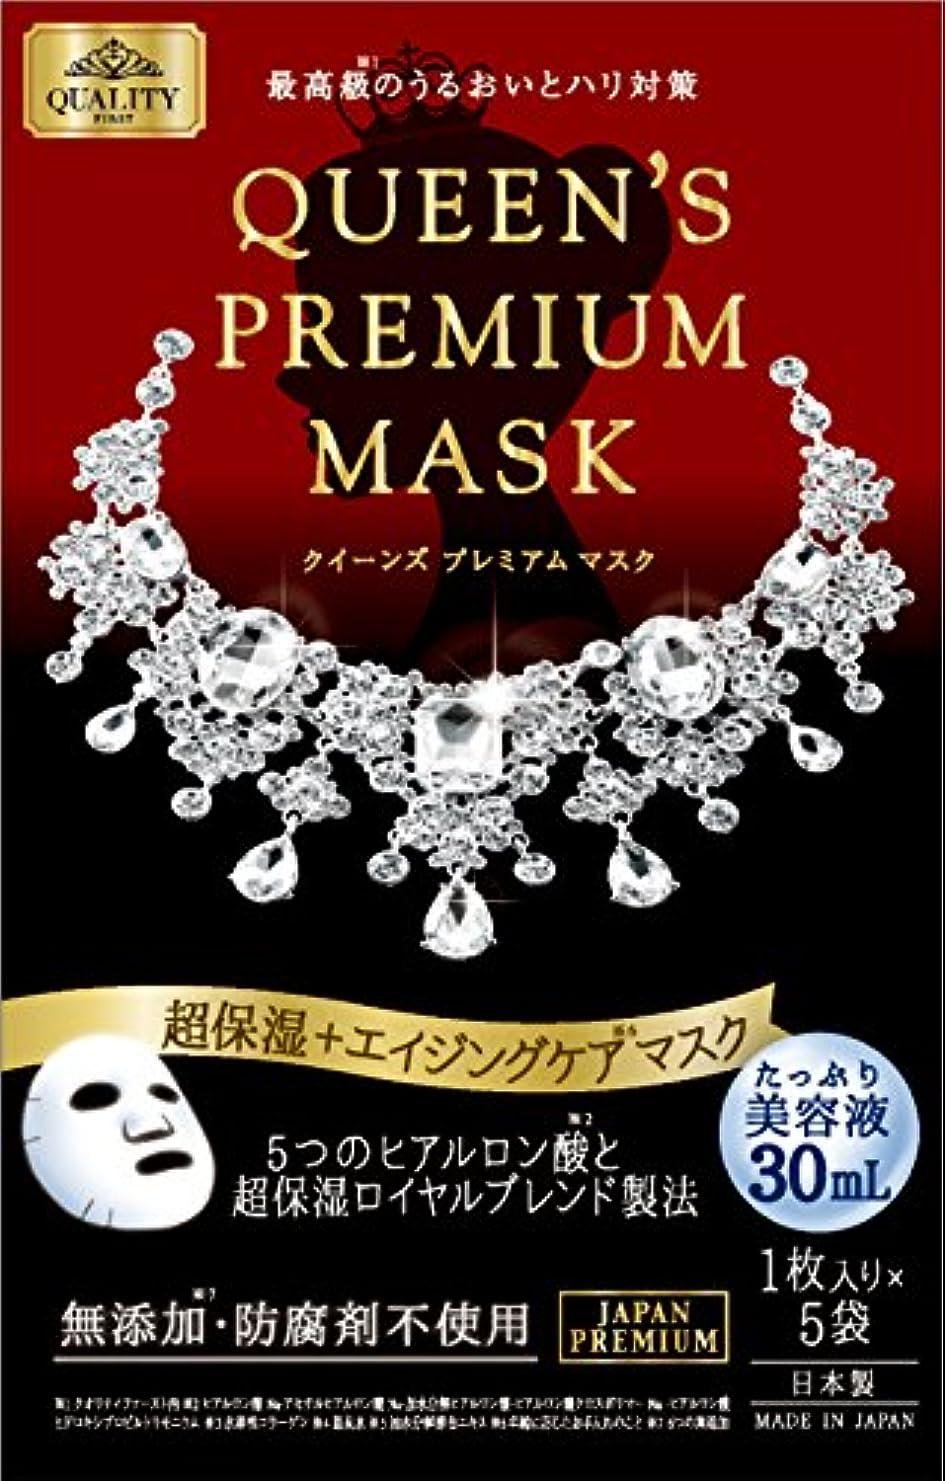 お尻時期尚早規定クイーンズプレミアムマスク 超保湿マスク 5枚入